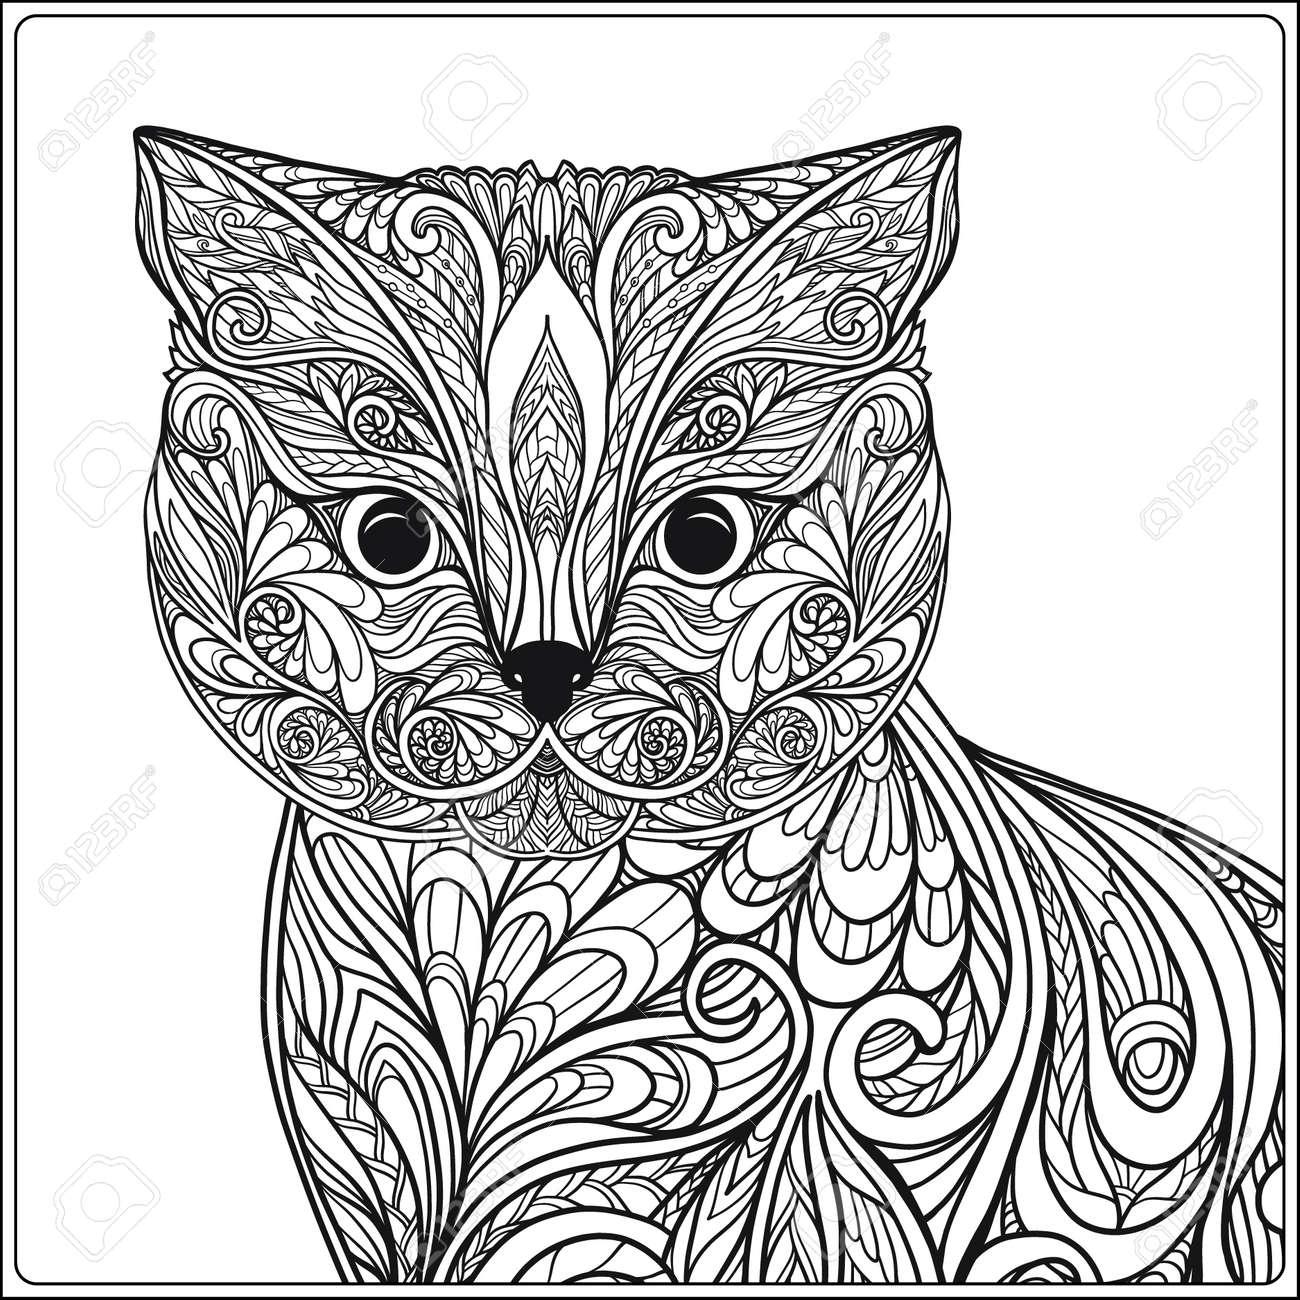 Encantador Dibujos Para Colorear Con Numeros Para Adultos